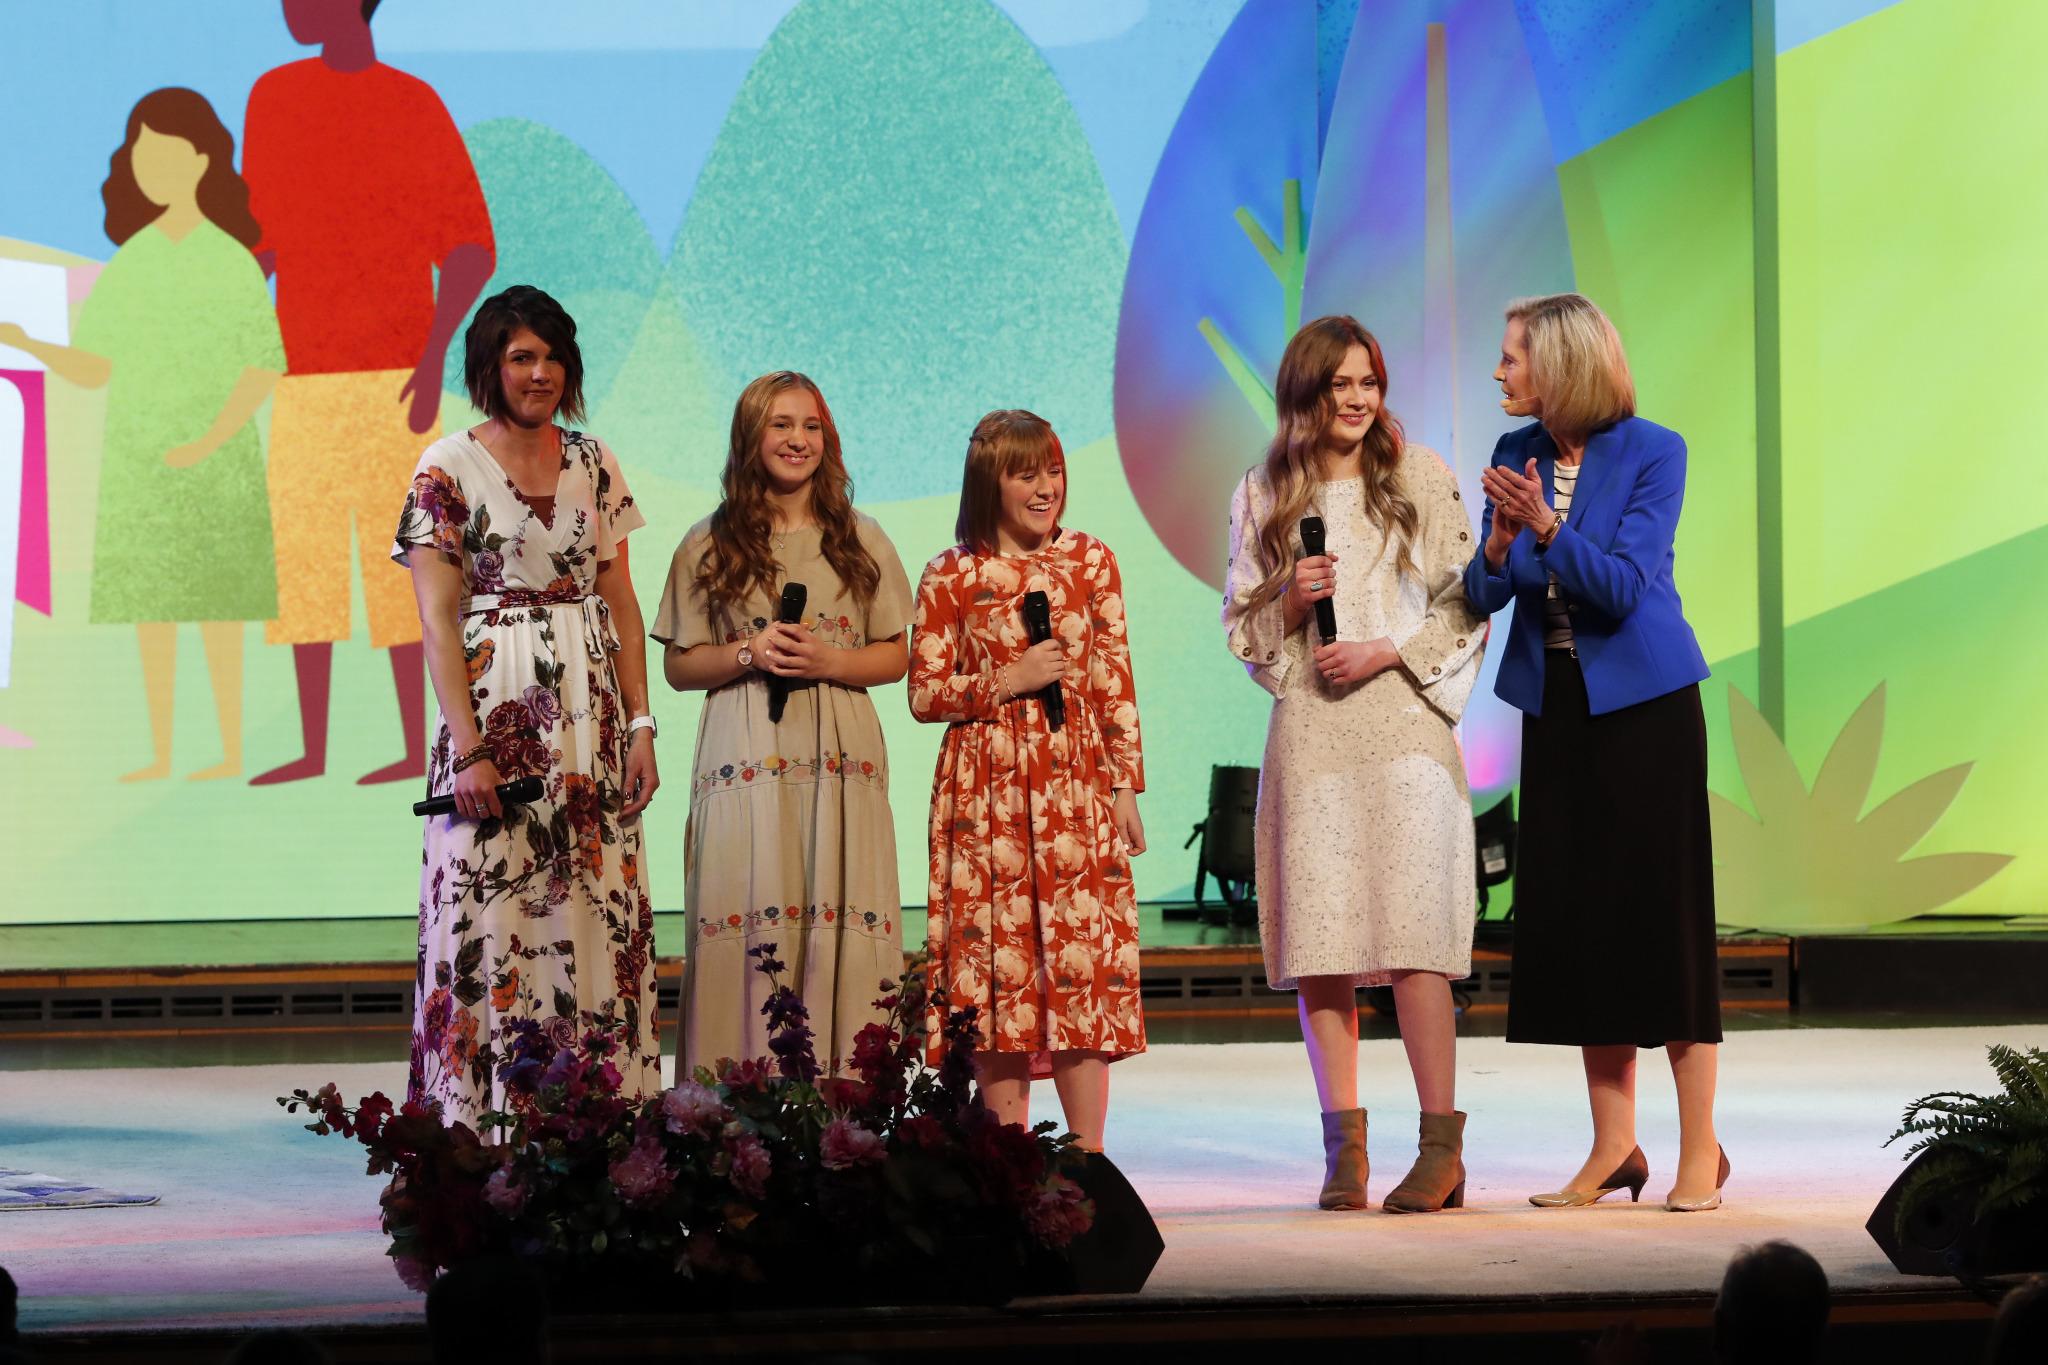 Mujeres jóvenes suben al escenario junto a la hermana Bonnie H. Cordon, presidenta general de las Mujeres Jóvenes, durante un evento Cara a Cara sobre el nuevo programa para Niños y Jóvenes en el Tabernáculo de Salt Lake City, el 17 de noviembre.